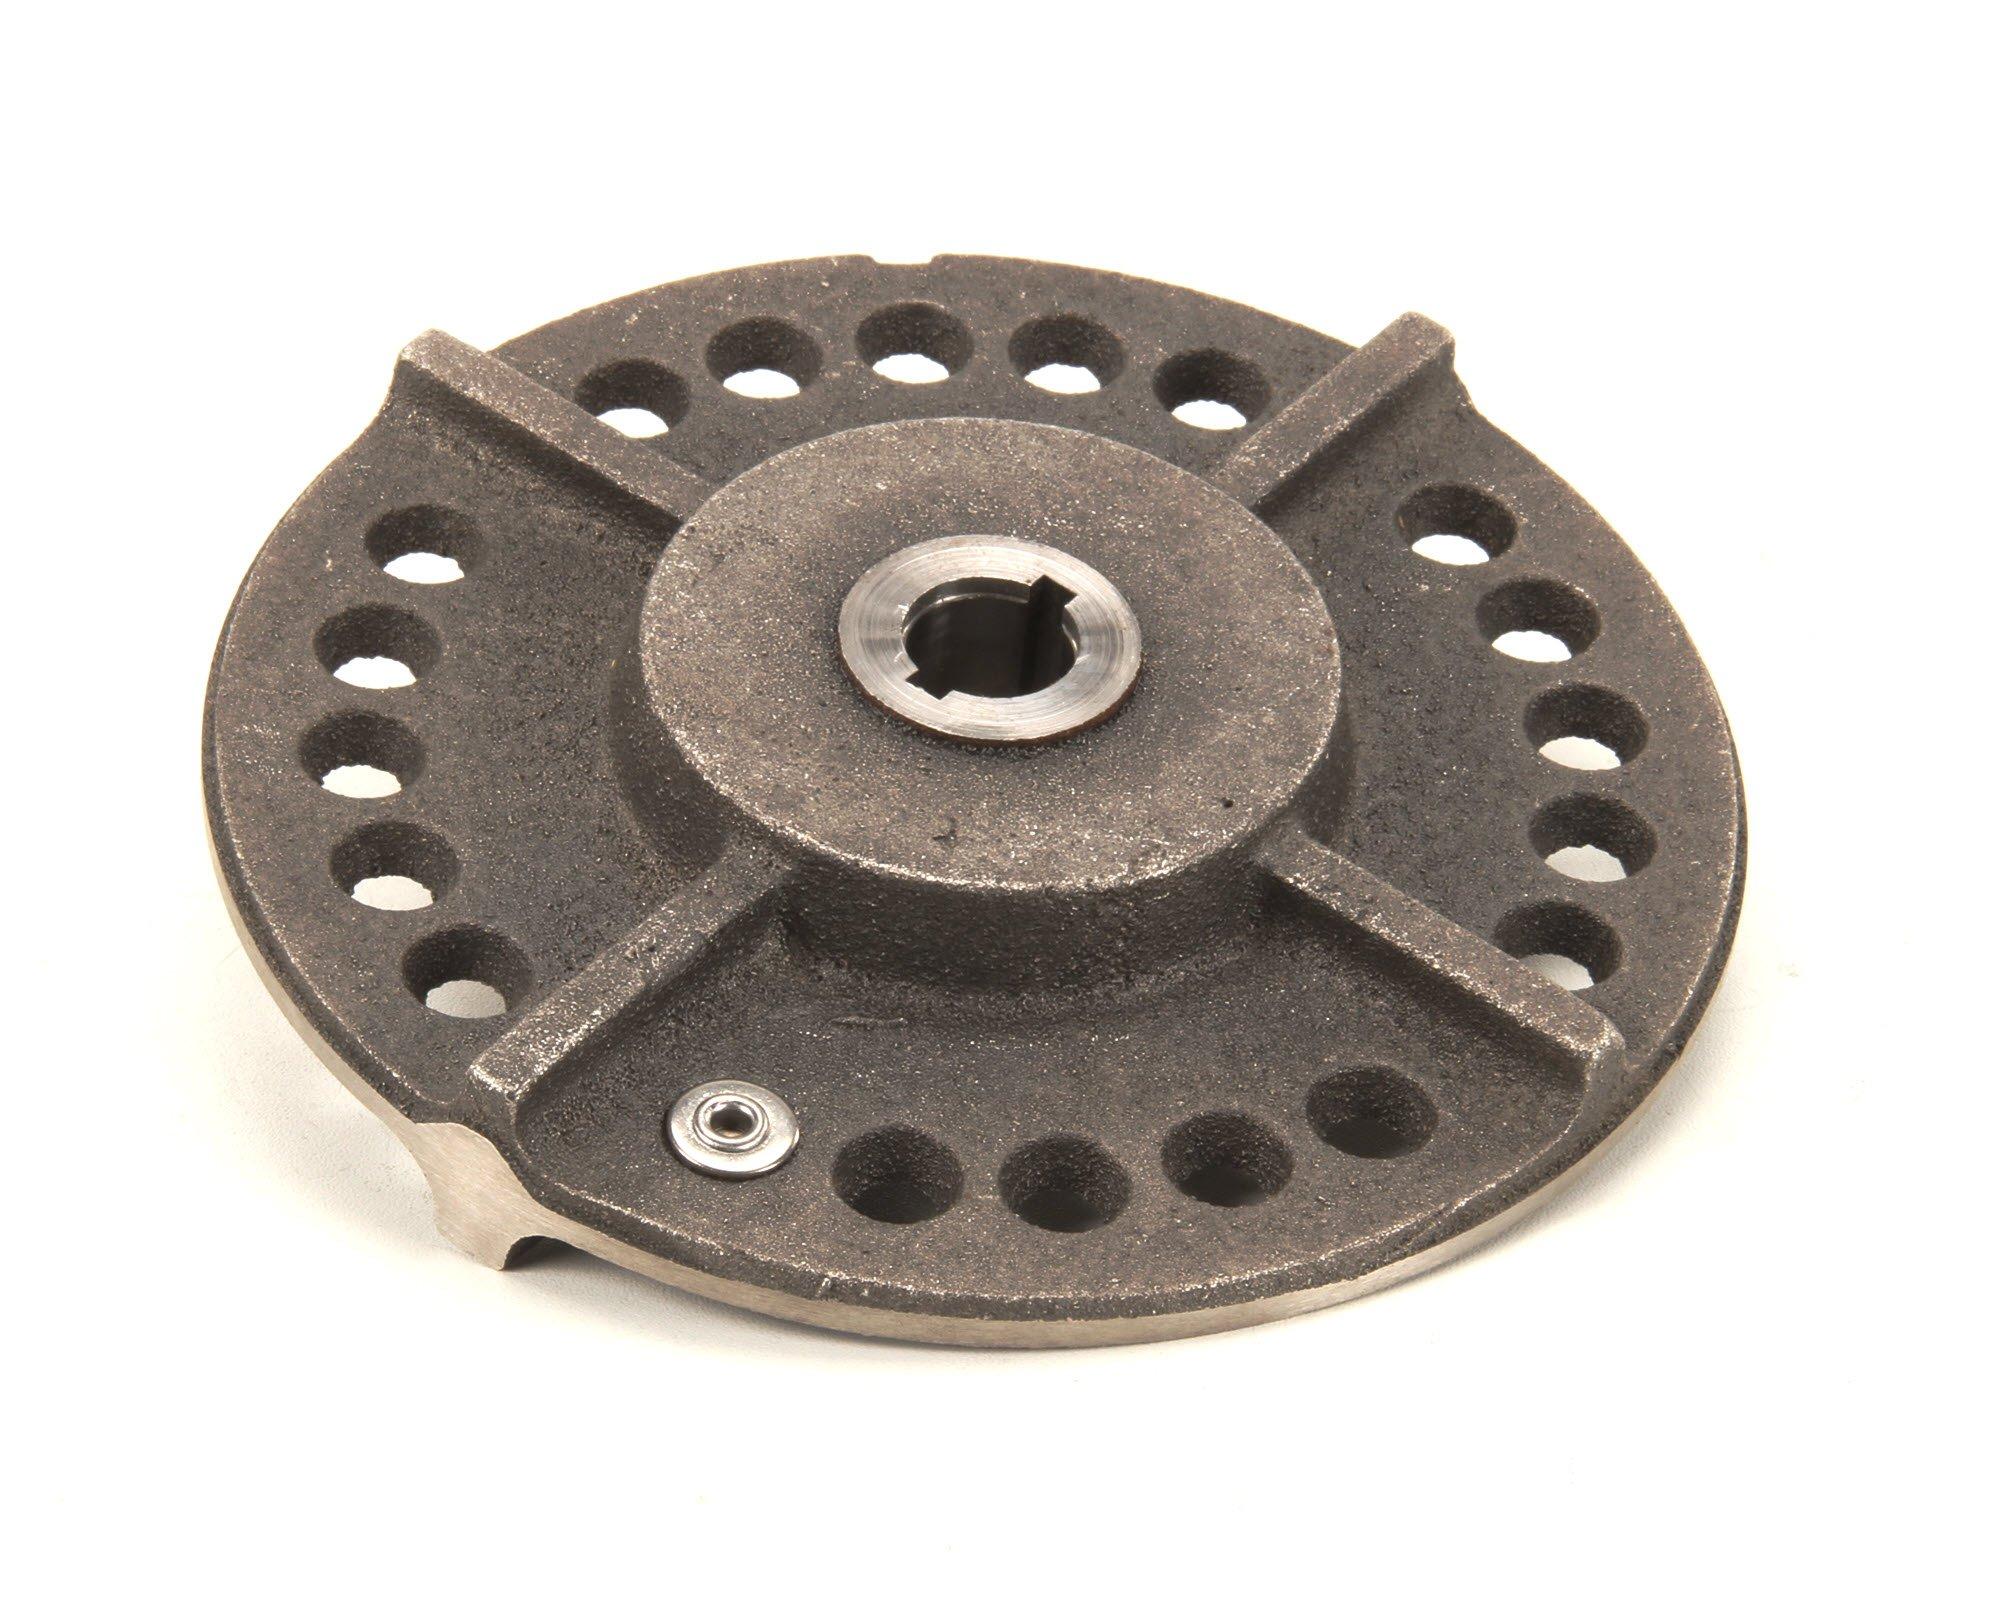 Insinkerator 12946ZZ Rotor Shredder